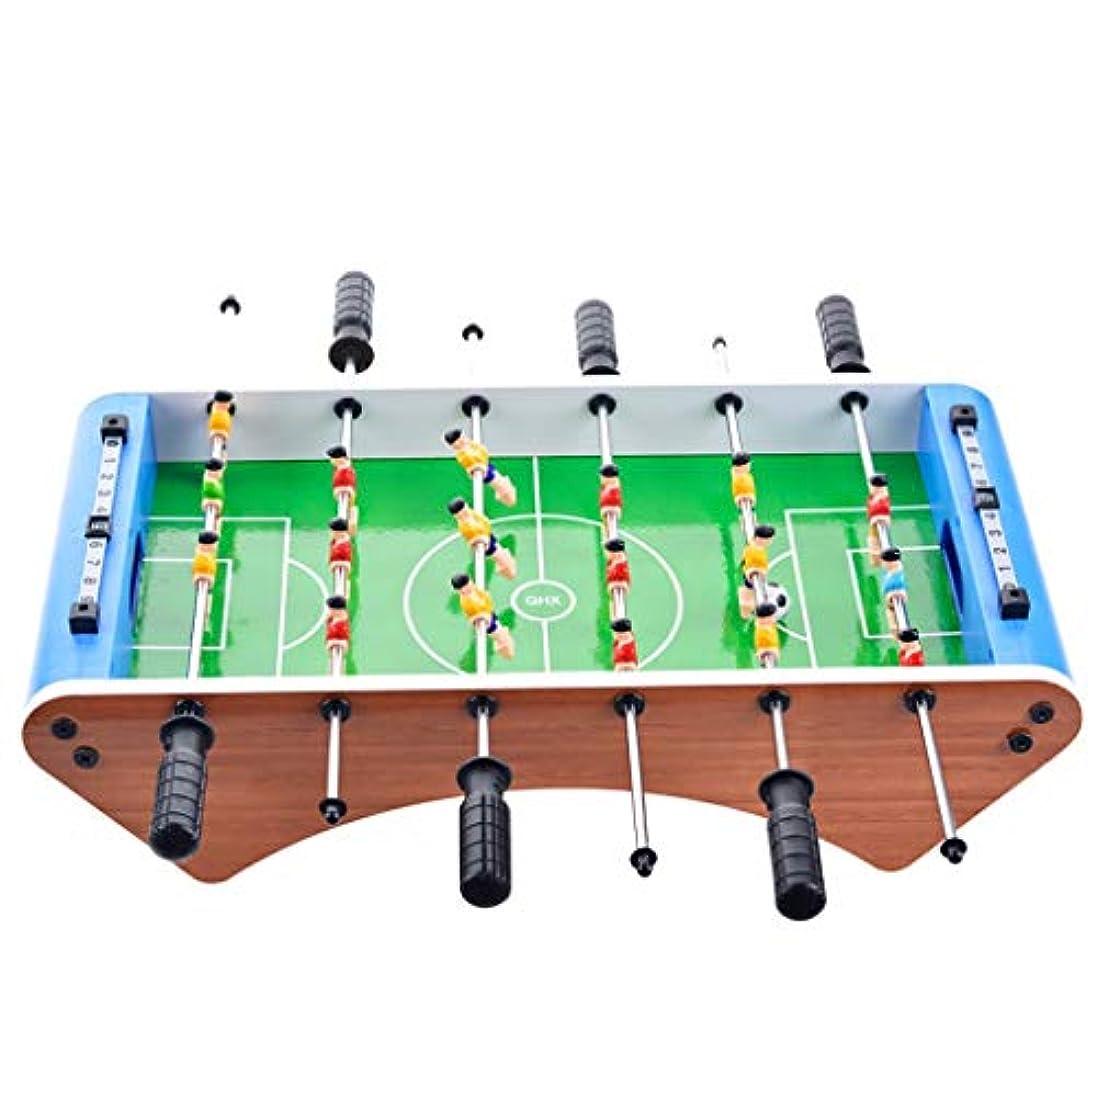 限界絞る予感サッカーテーブルテーブルゲームフーズボールテーブルテーブルサッカーゲーム子供のゲームテーブル子供のおもちゃパズルゲーム適した3歳の子供のためのギフト (Color : BLUE, Size : 50*25*12.5CM)